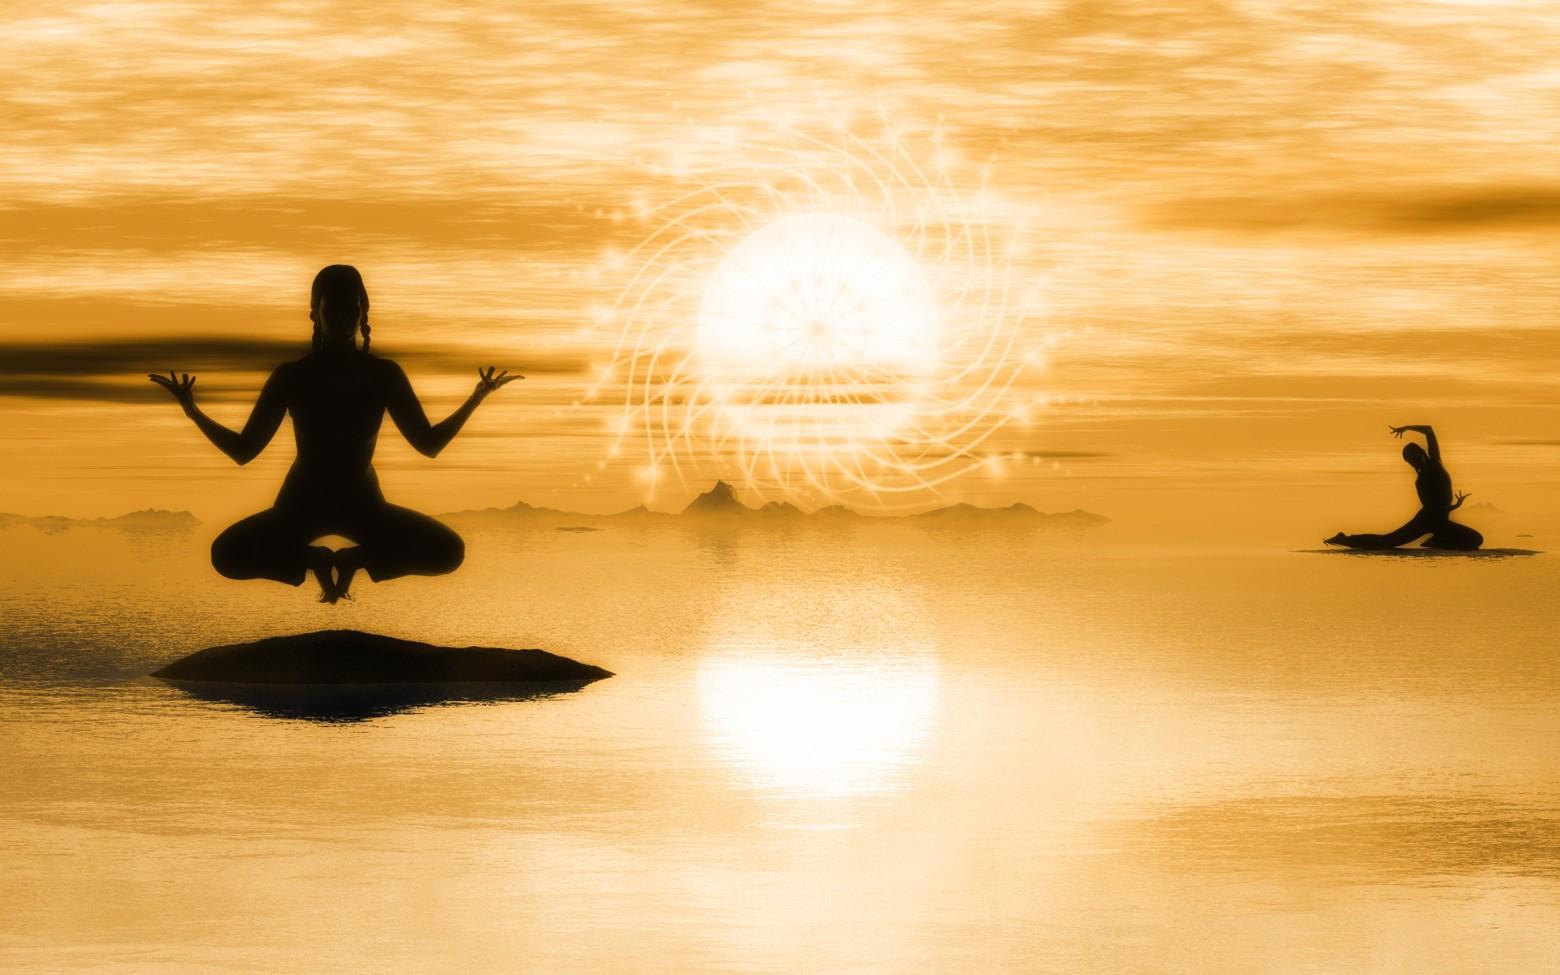 Zen Image Gratuite Libre De Droit Images Gratuites Et Libres De Droits